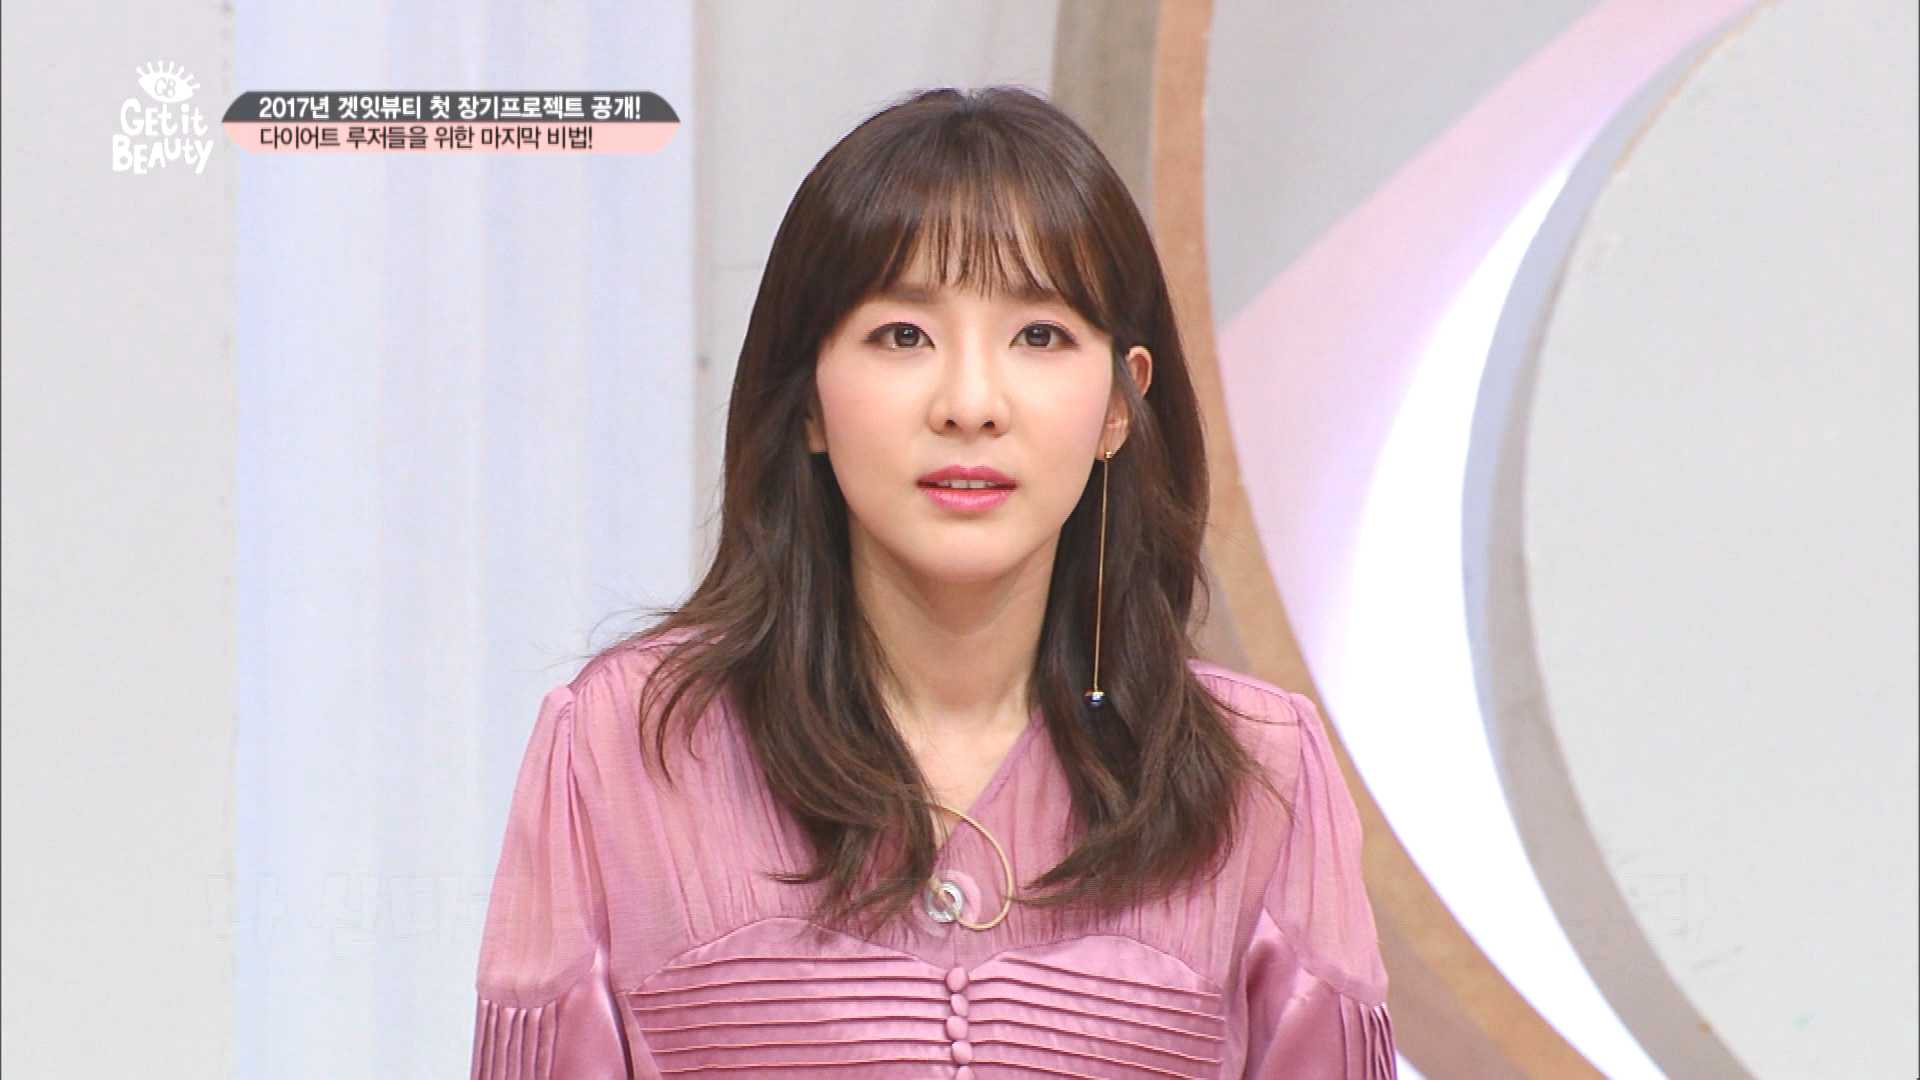 의상정보 : 원피스 - fayewoo / 이어링 - 엠주 / 팔찌 - 폴리폴리 / 구두 - 이로스타일